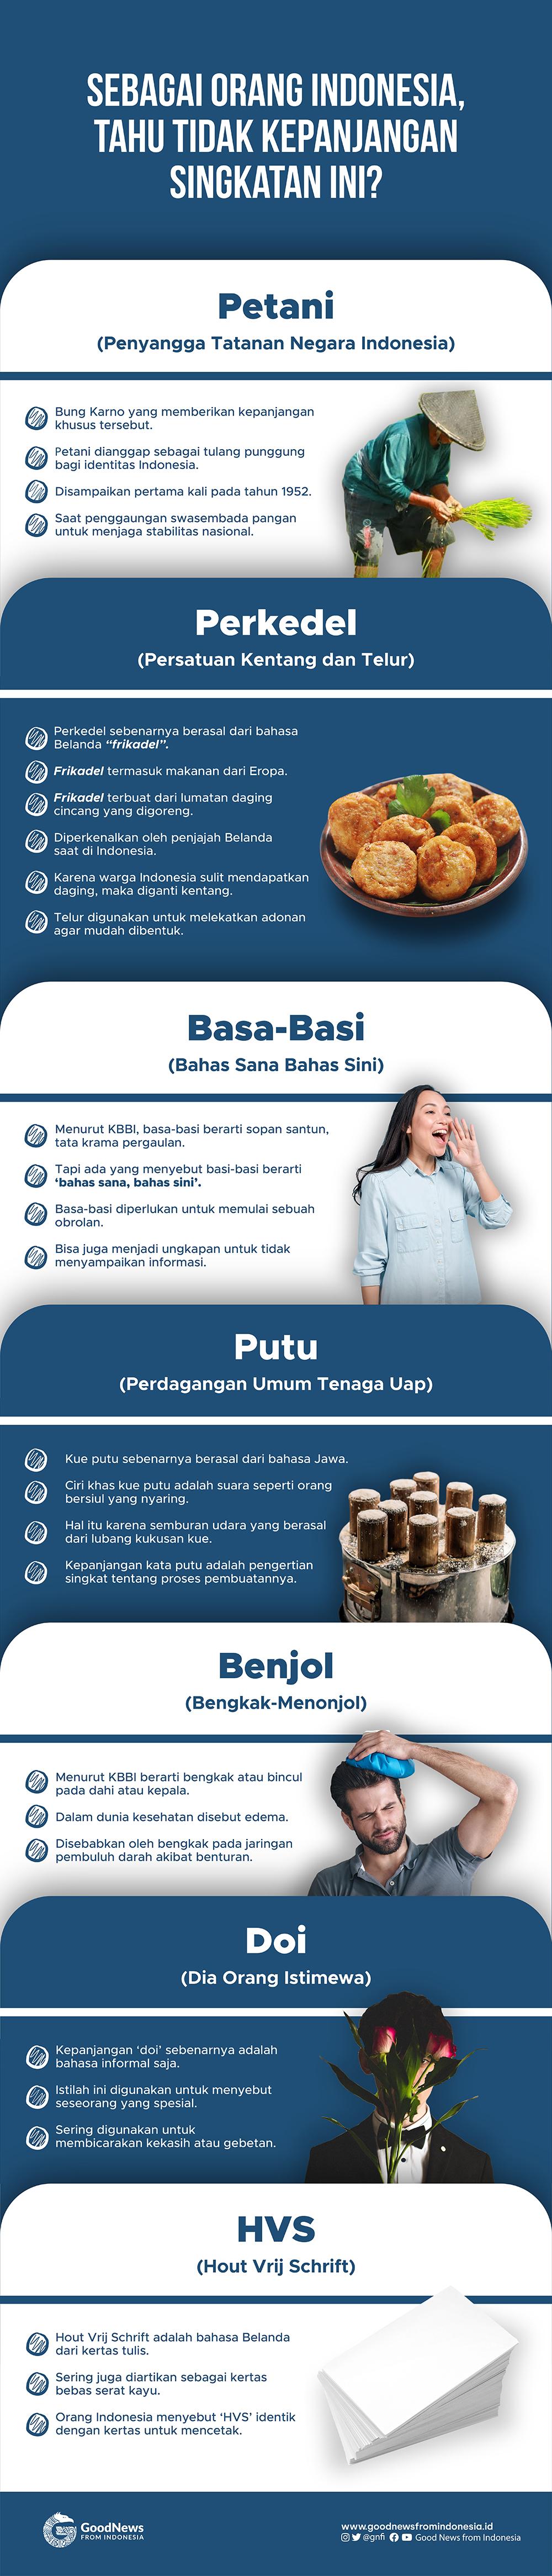 Istilah atau Singkatan yang Lazim di Indonesia